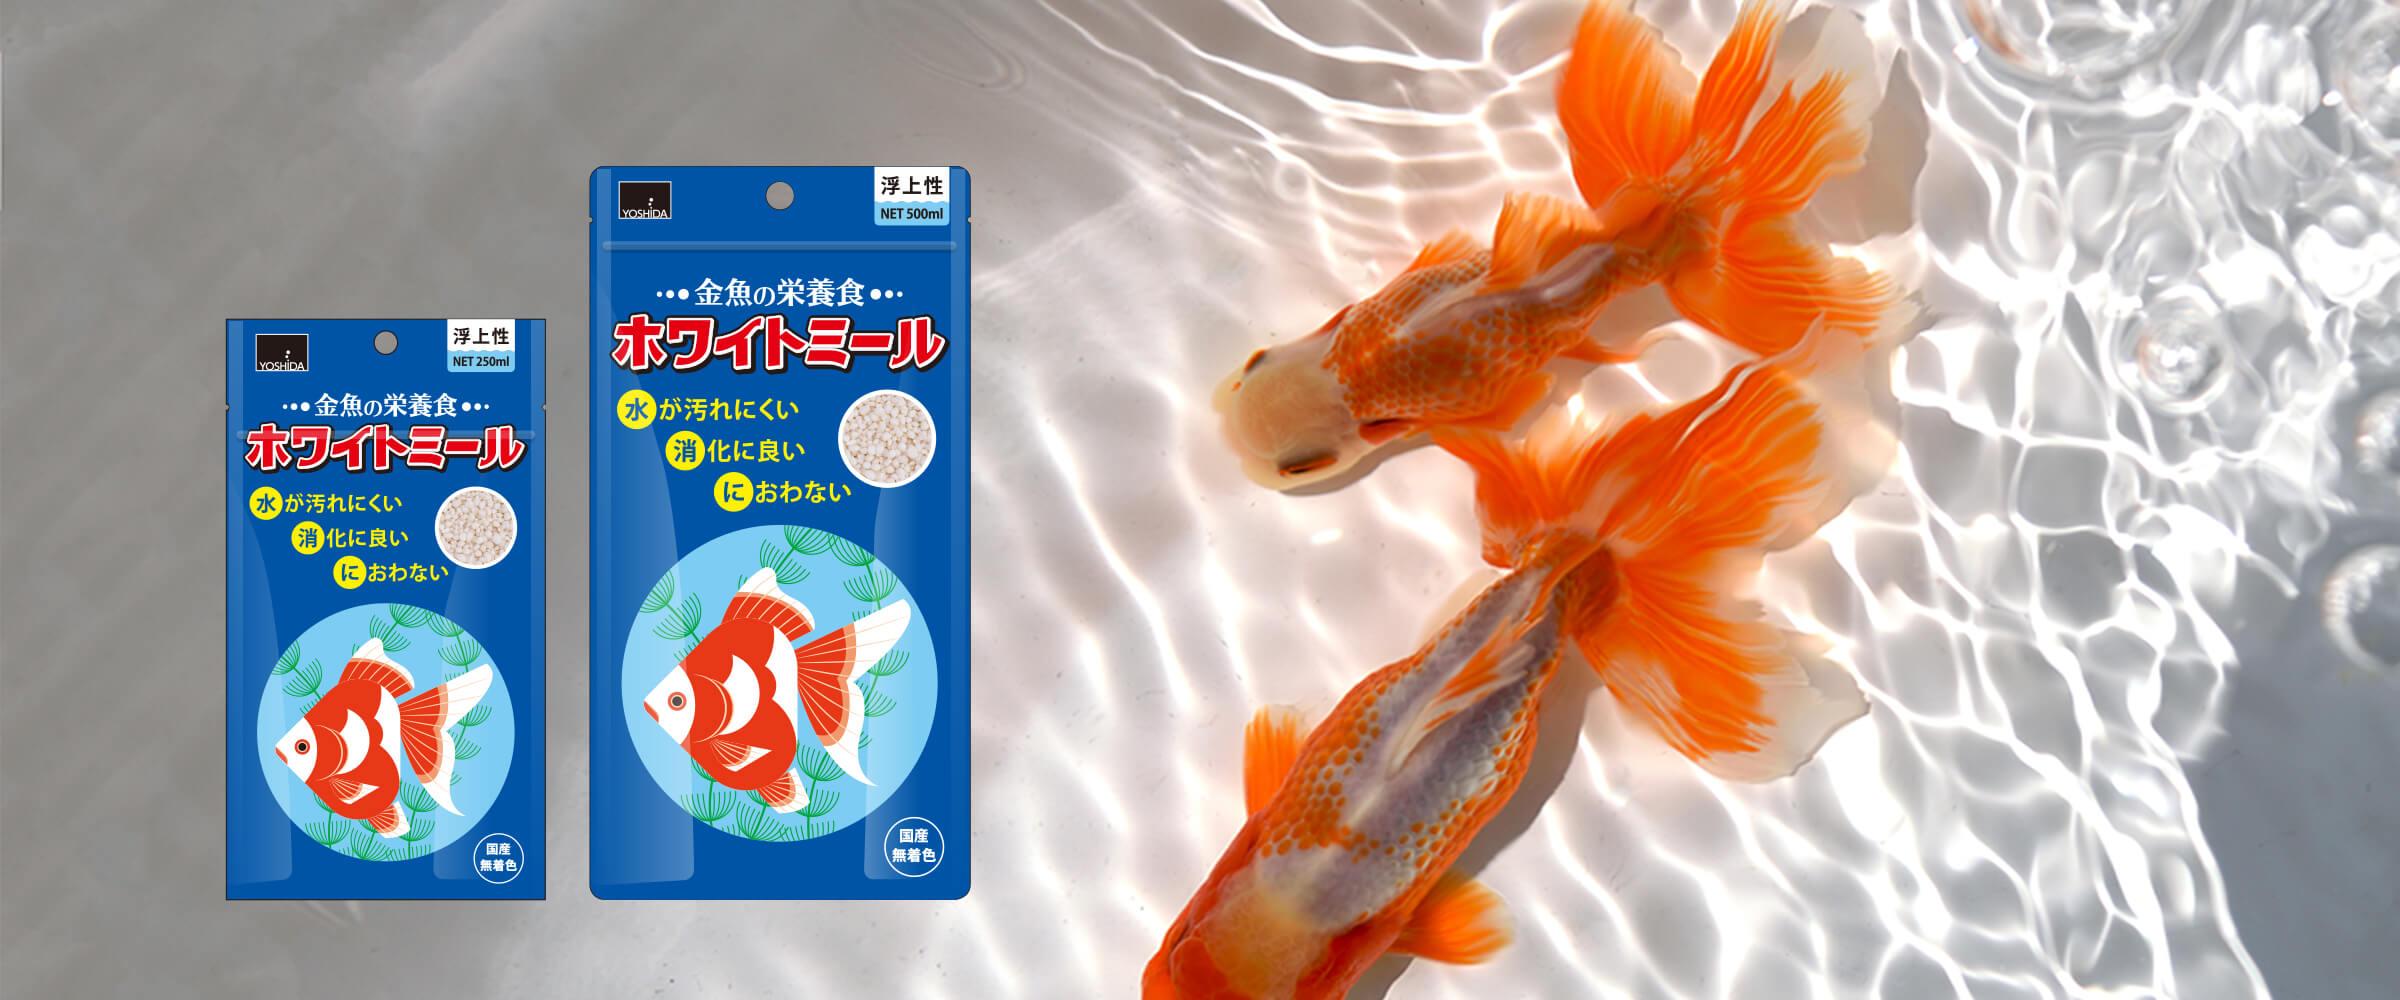 金魚の栄養食 ホワイトミール